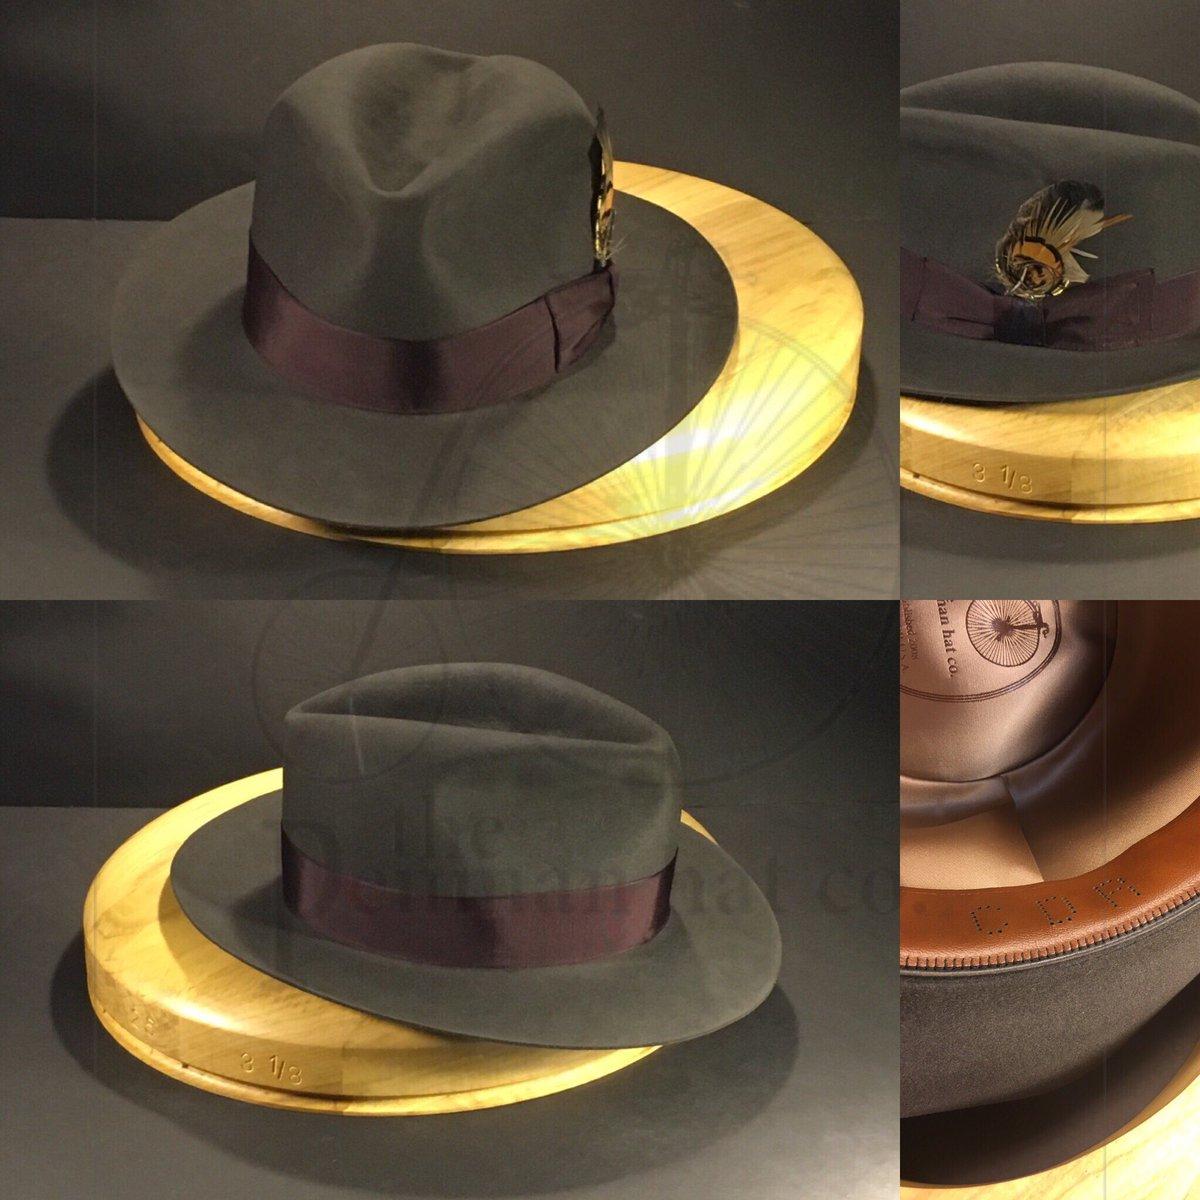 80d4521d1 Penman Hat Company on Twitter: